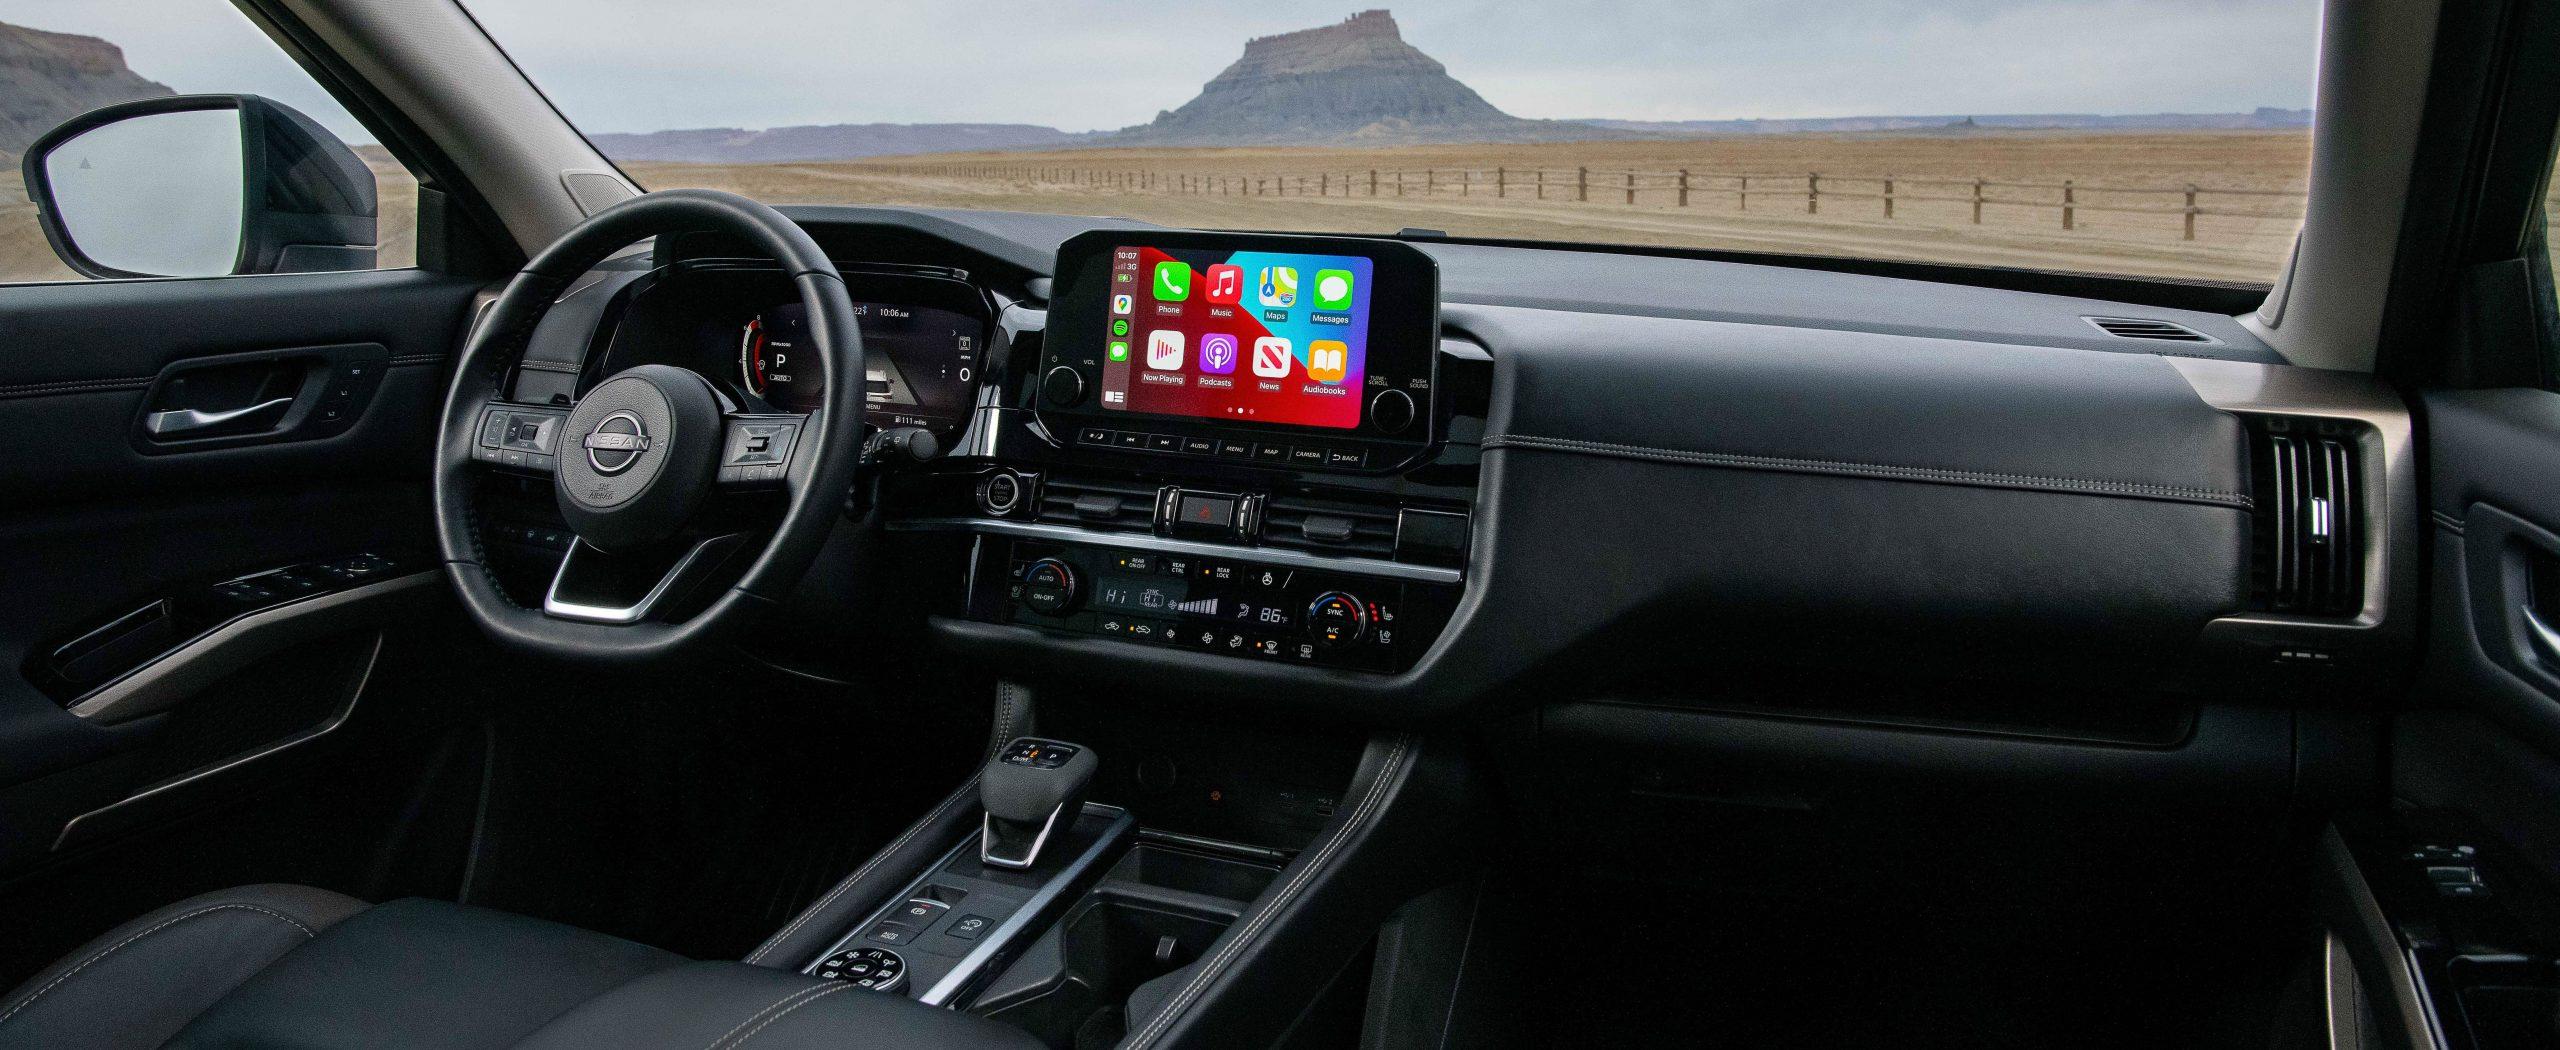 Nissan Pathfinder interior brownsville